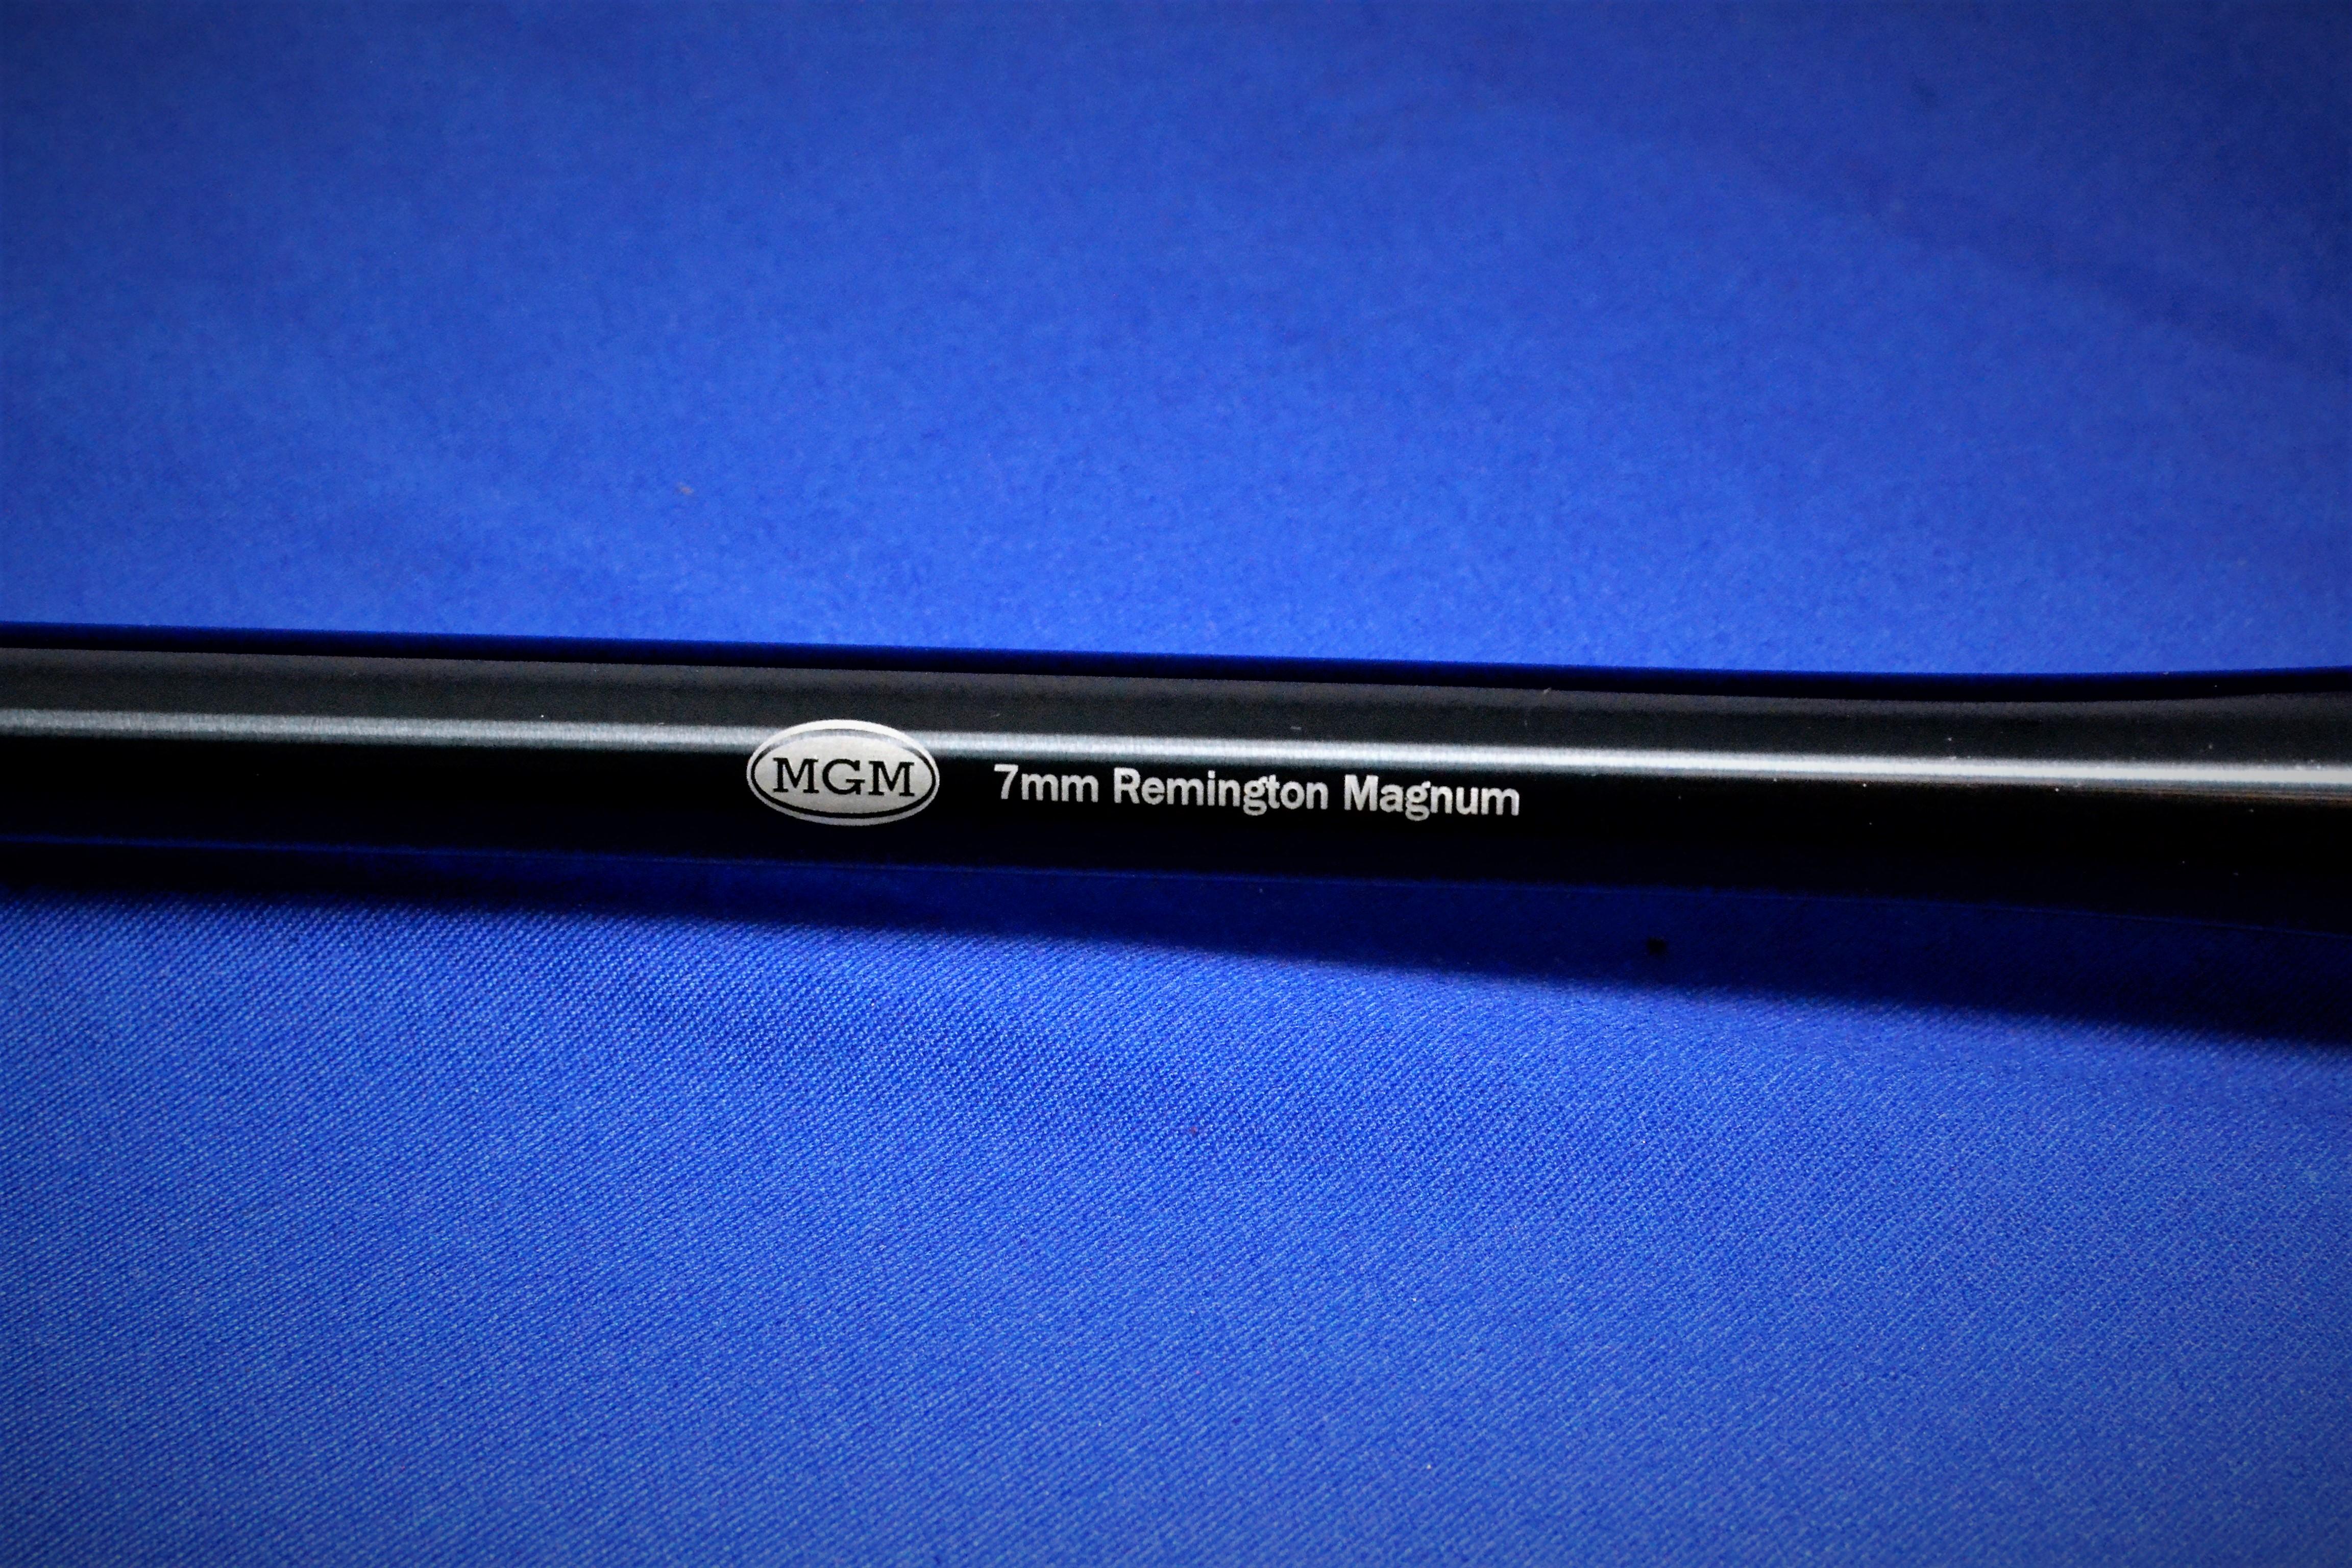 Encore Rifle Barrel 7MM Remington Magnum Chrome Moly Blued 26 1 9 Twist Heavy Factory Contour